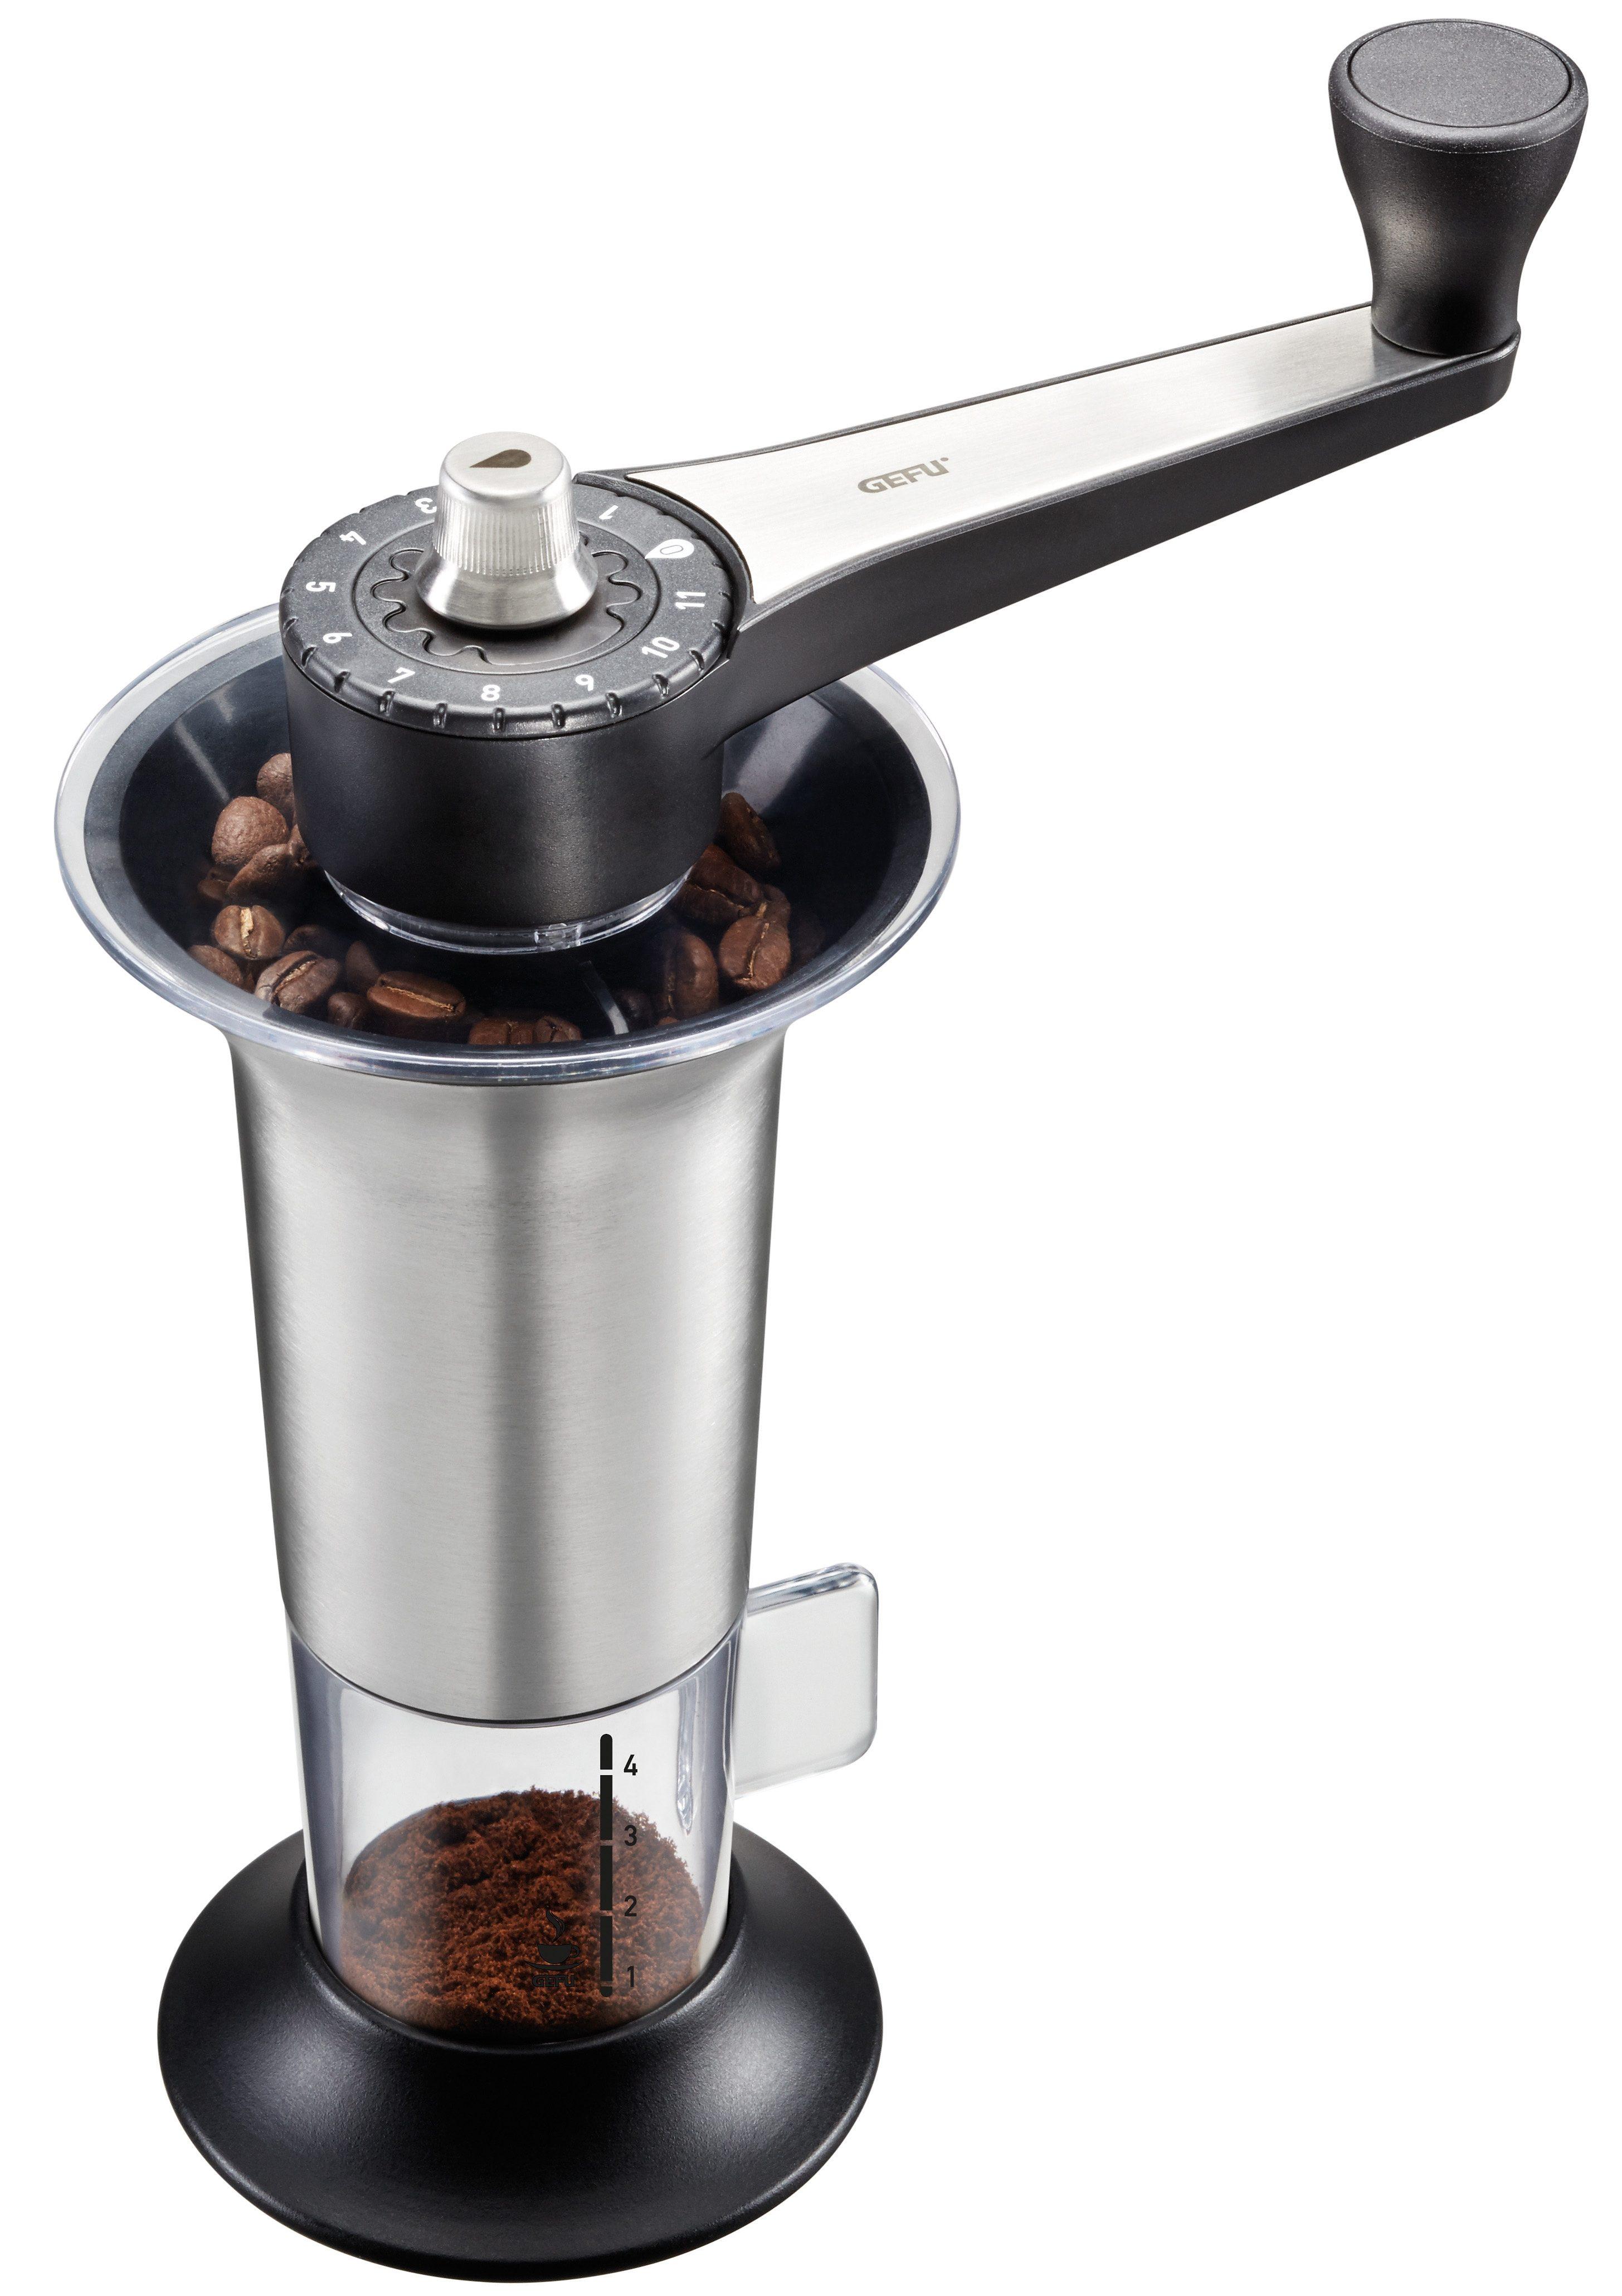 GEFU Kaffeemühle, »LORENZO«